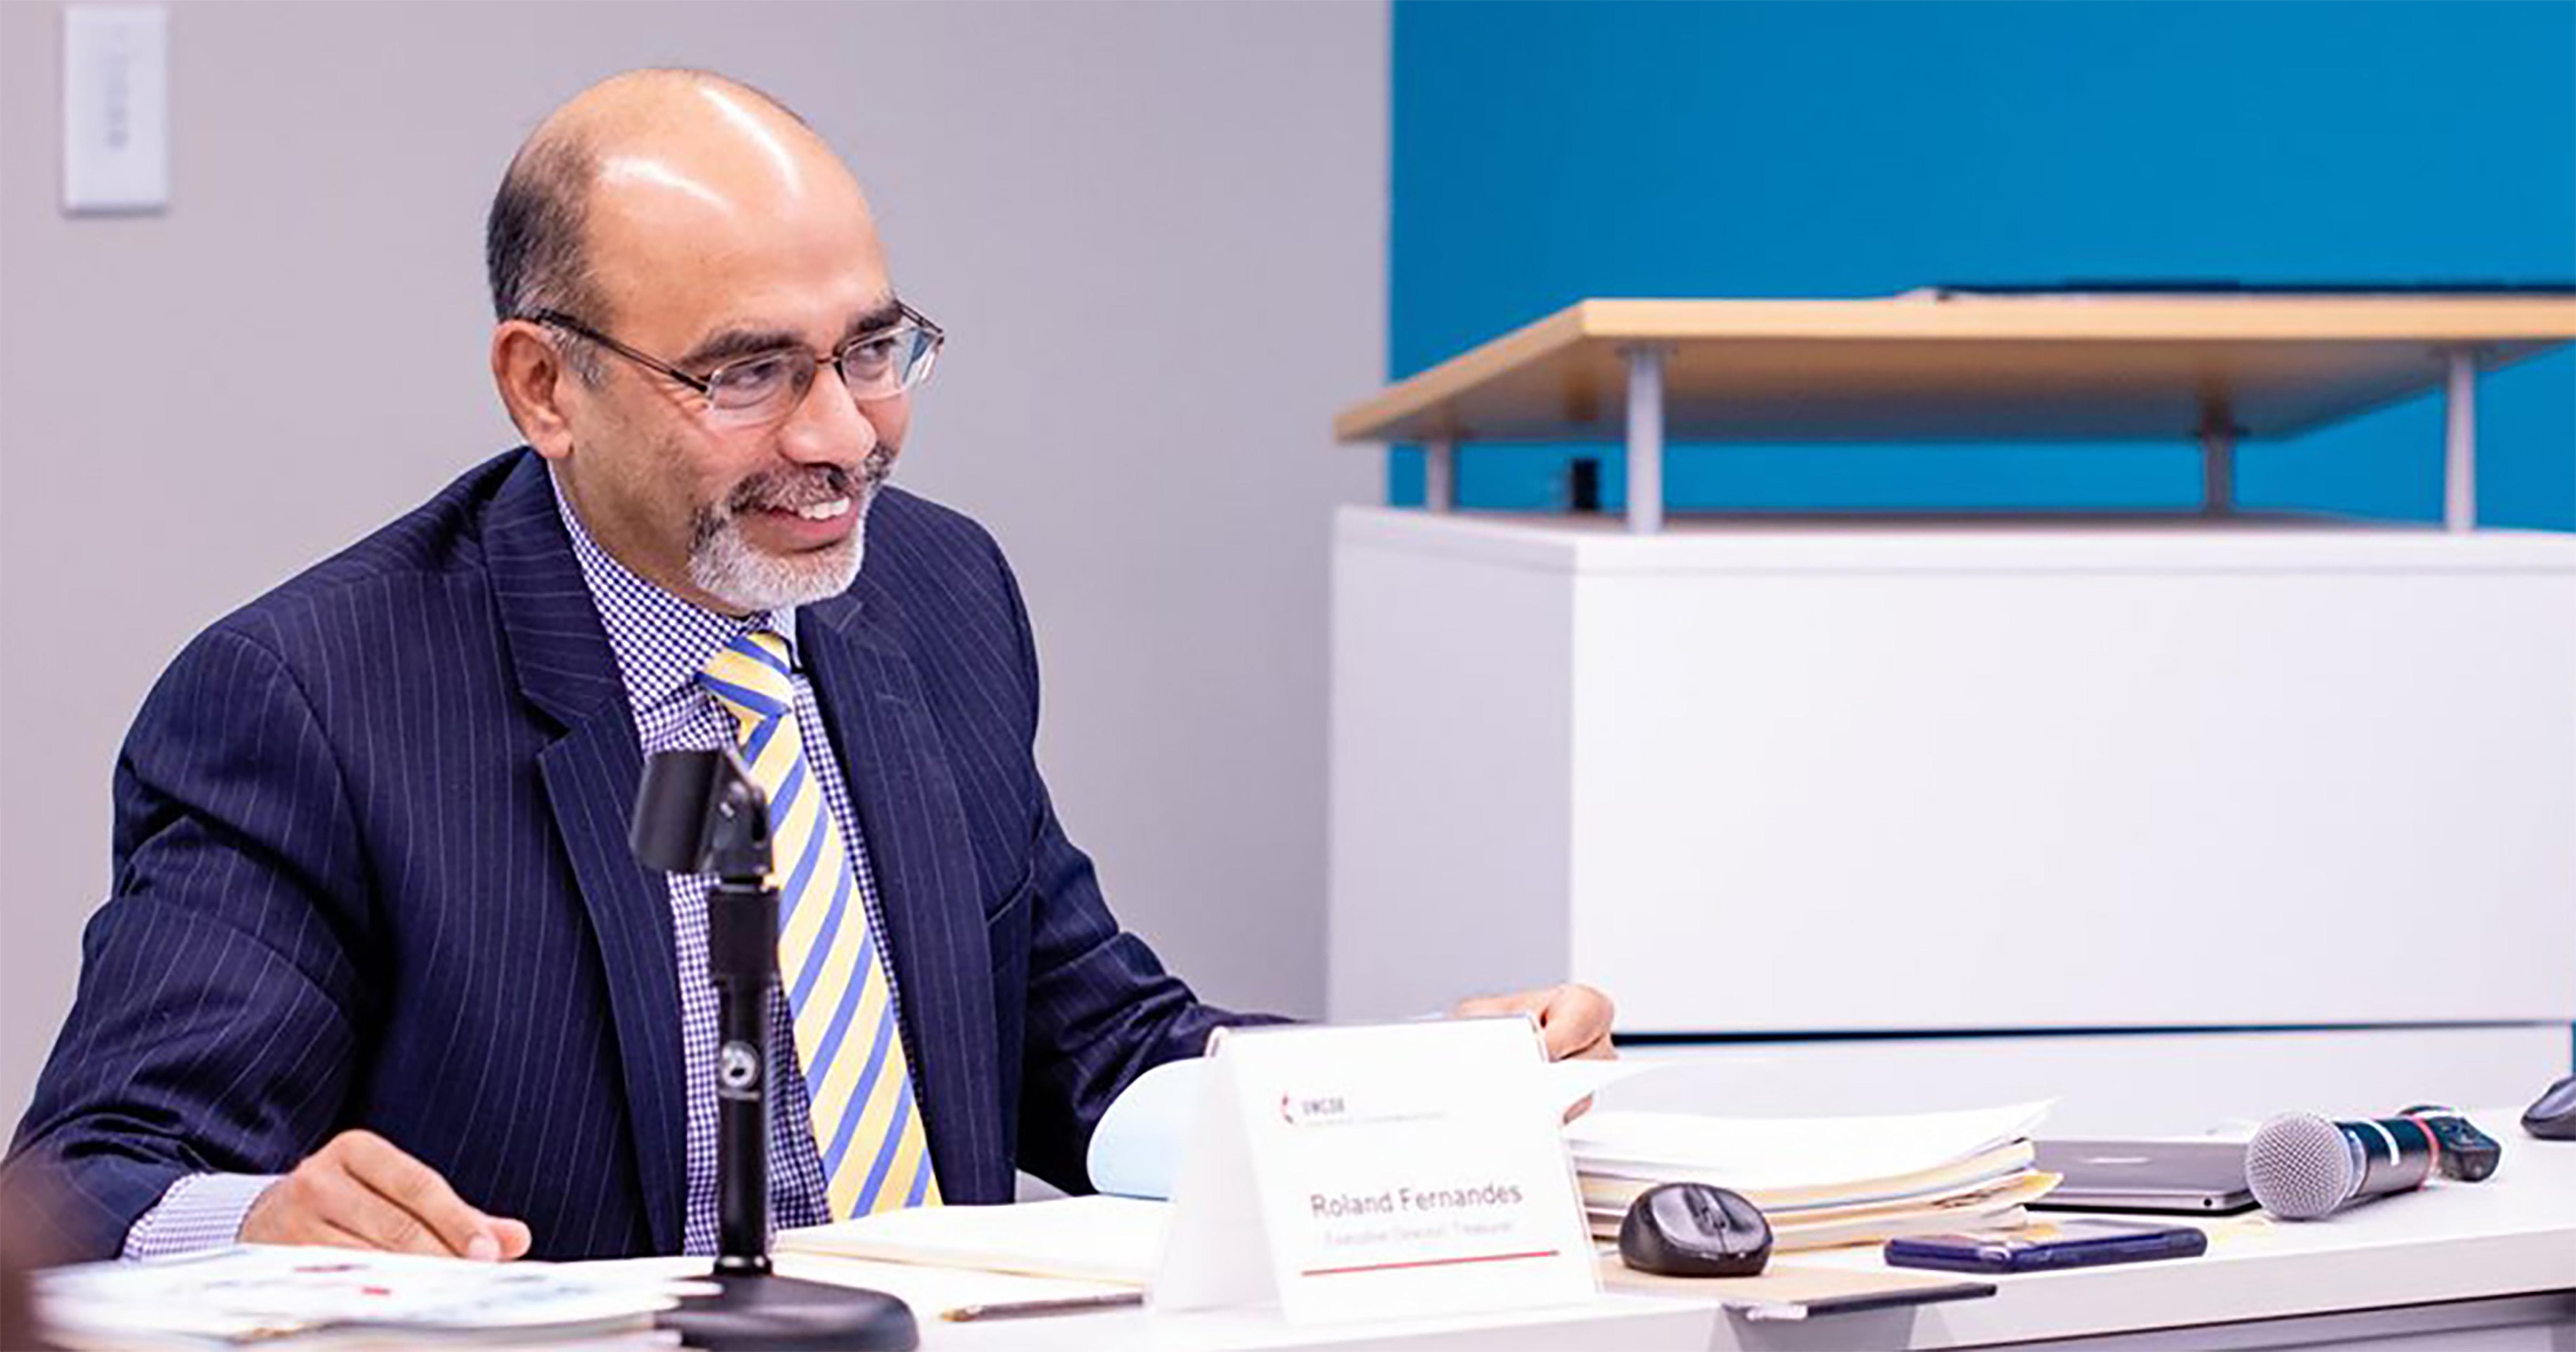 Roland Fernandes sucederá Thomas Kemper, que serviu por uma década e decidiu não ir à reeleição. Foto cedida por GBGM.